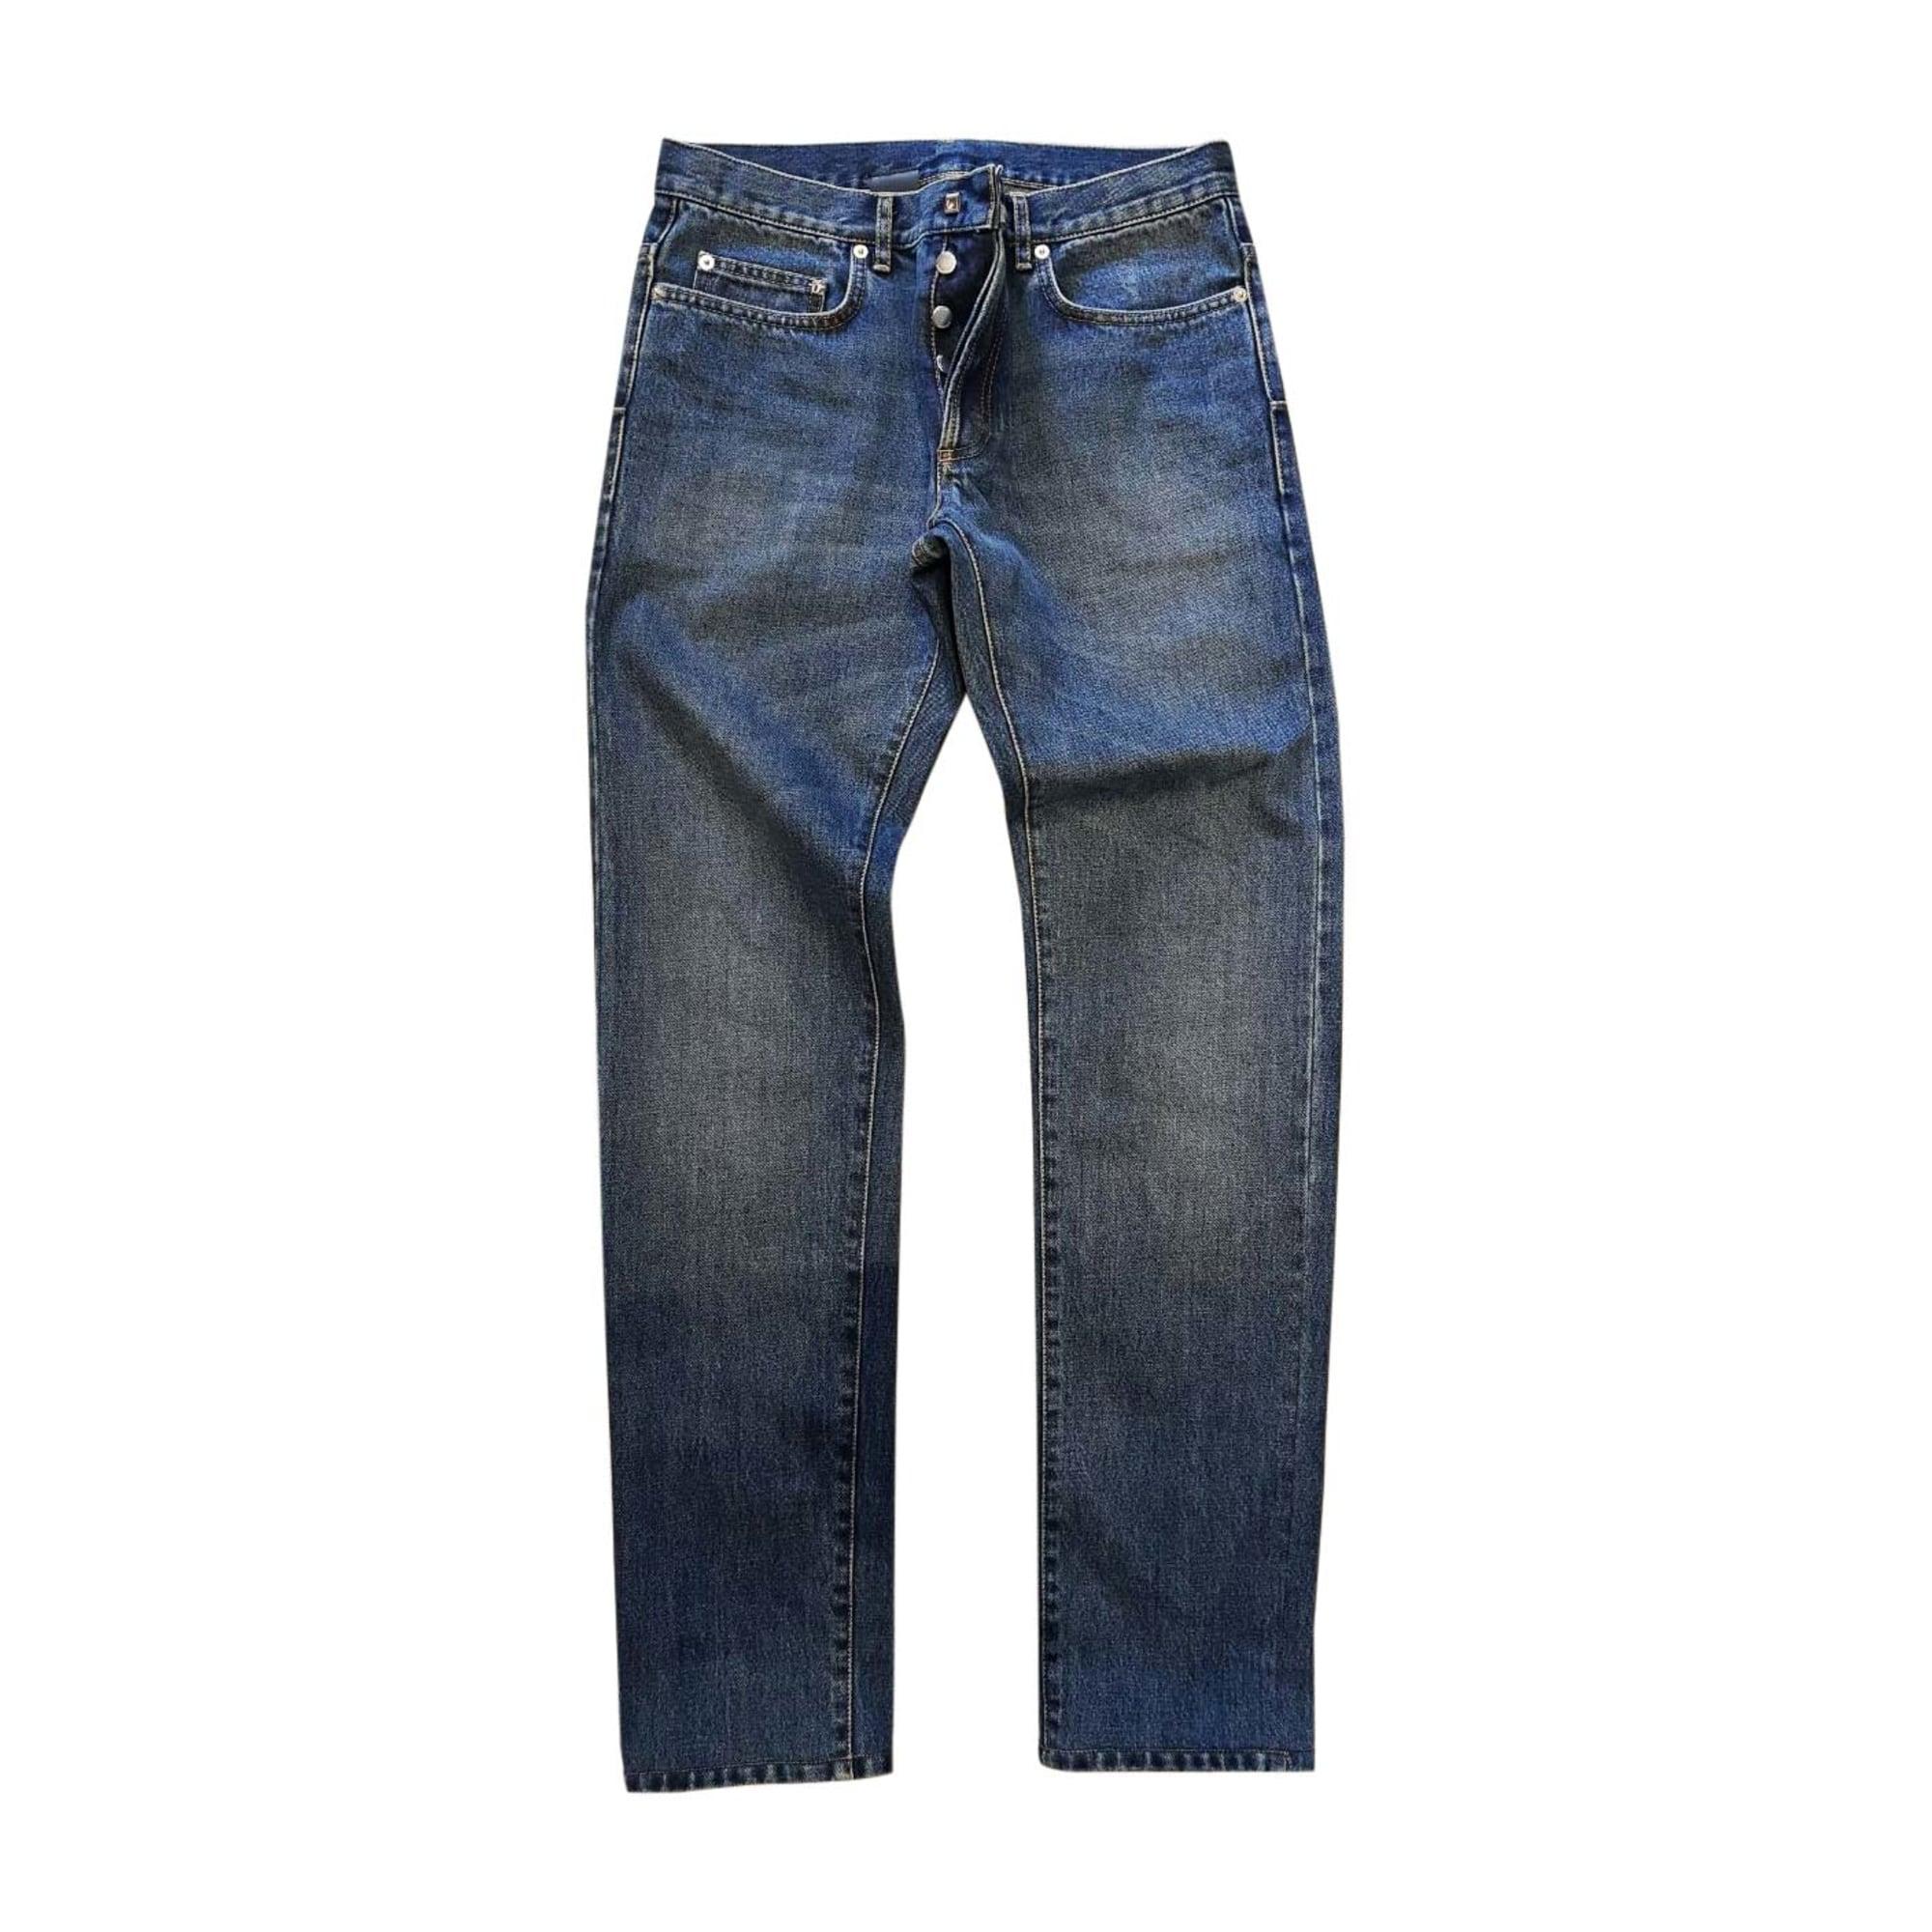 Jeans slim DIOR HOMME Blu, blu navy, turchese